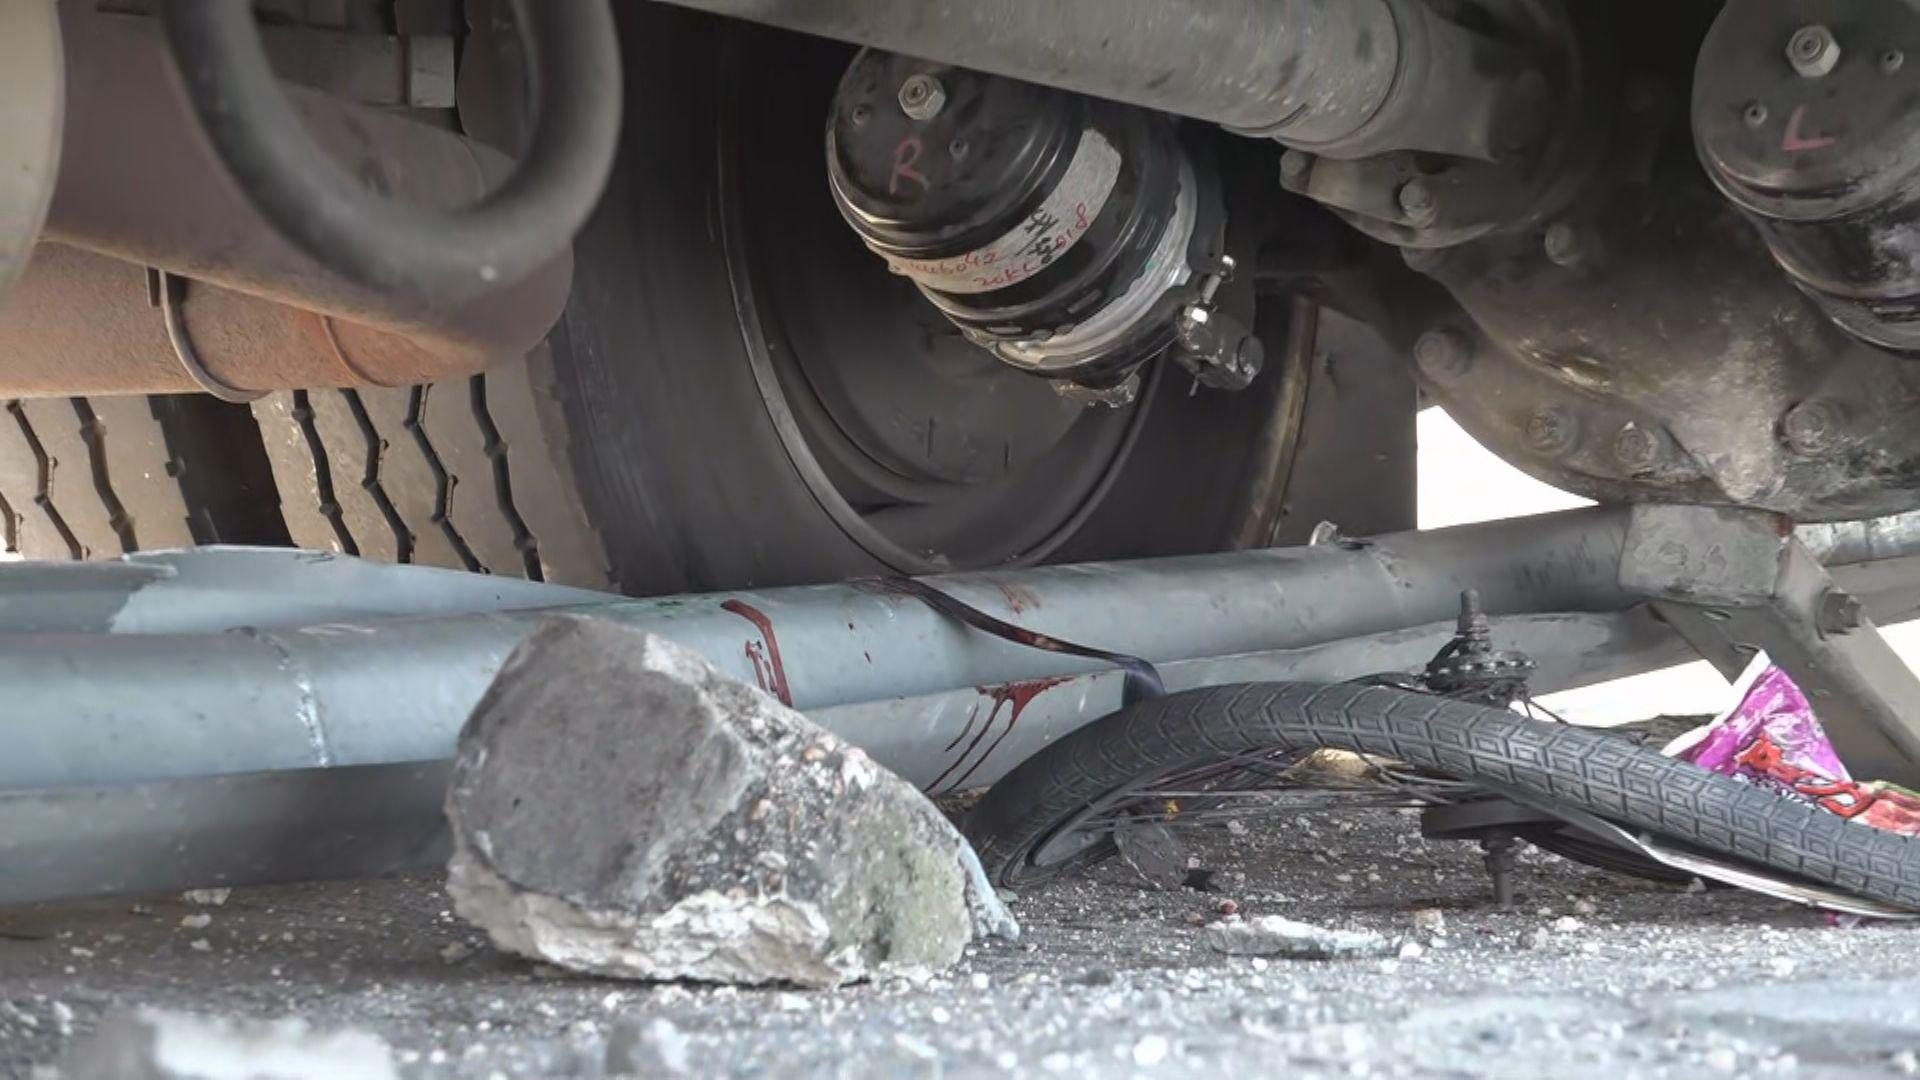 西貢公路消防車疑失控撞單車私家車 踏單車男子死亡